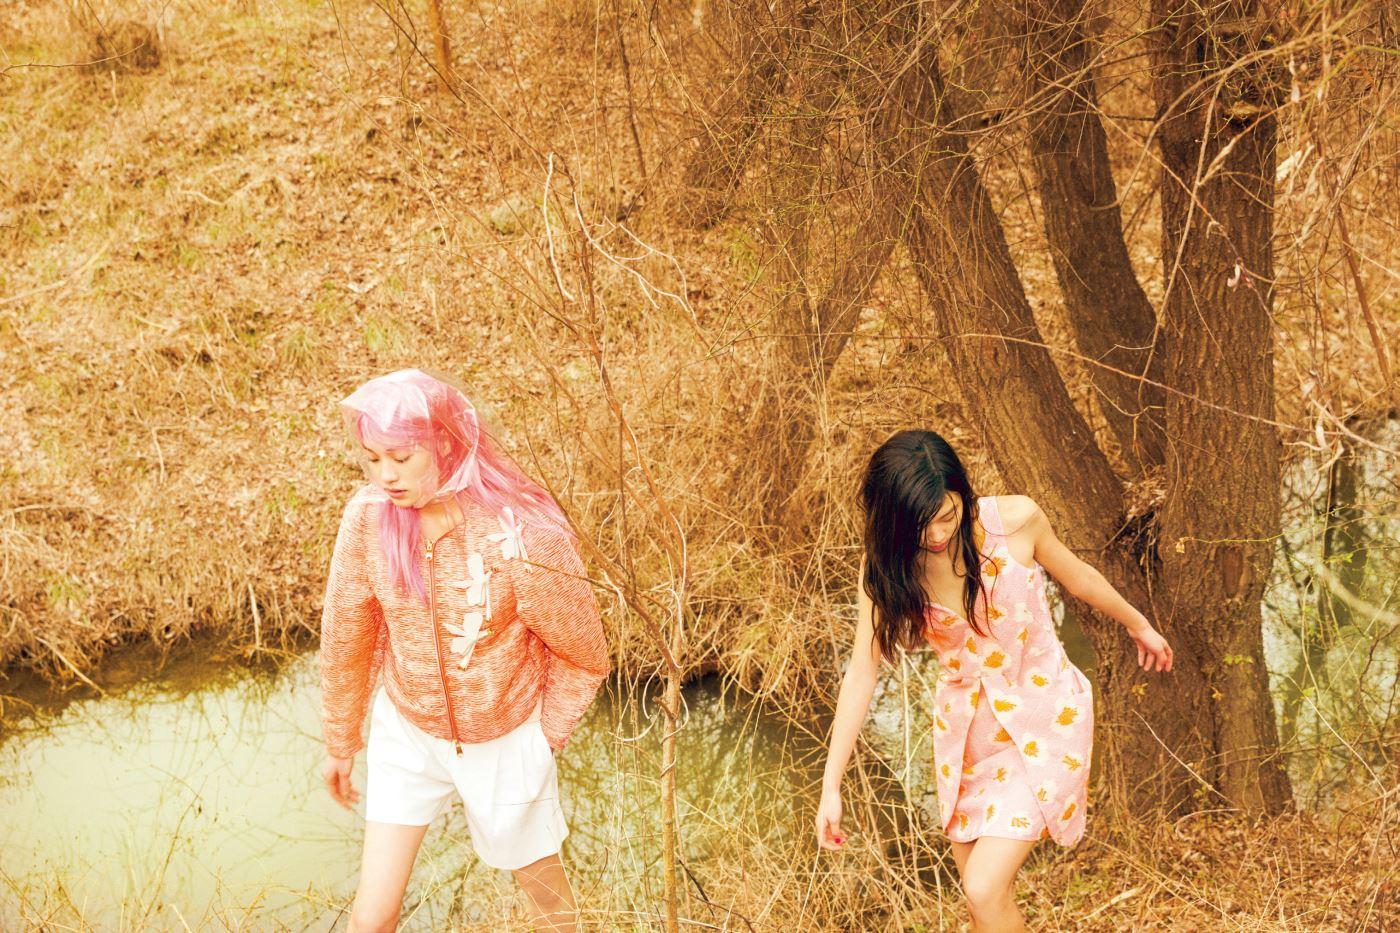 김설희가 입은 독특한 질감의 점퍼와 나비 문양 브로치들, 김승희가 입은 로맨틱한 프린트의 미니 드레스는 모두 Emporio Armani 제품.